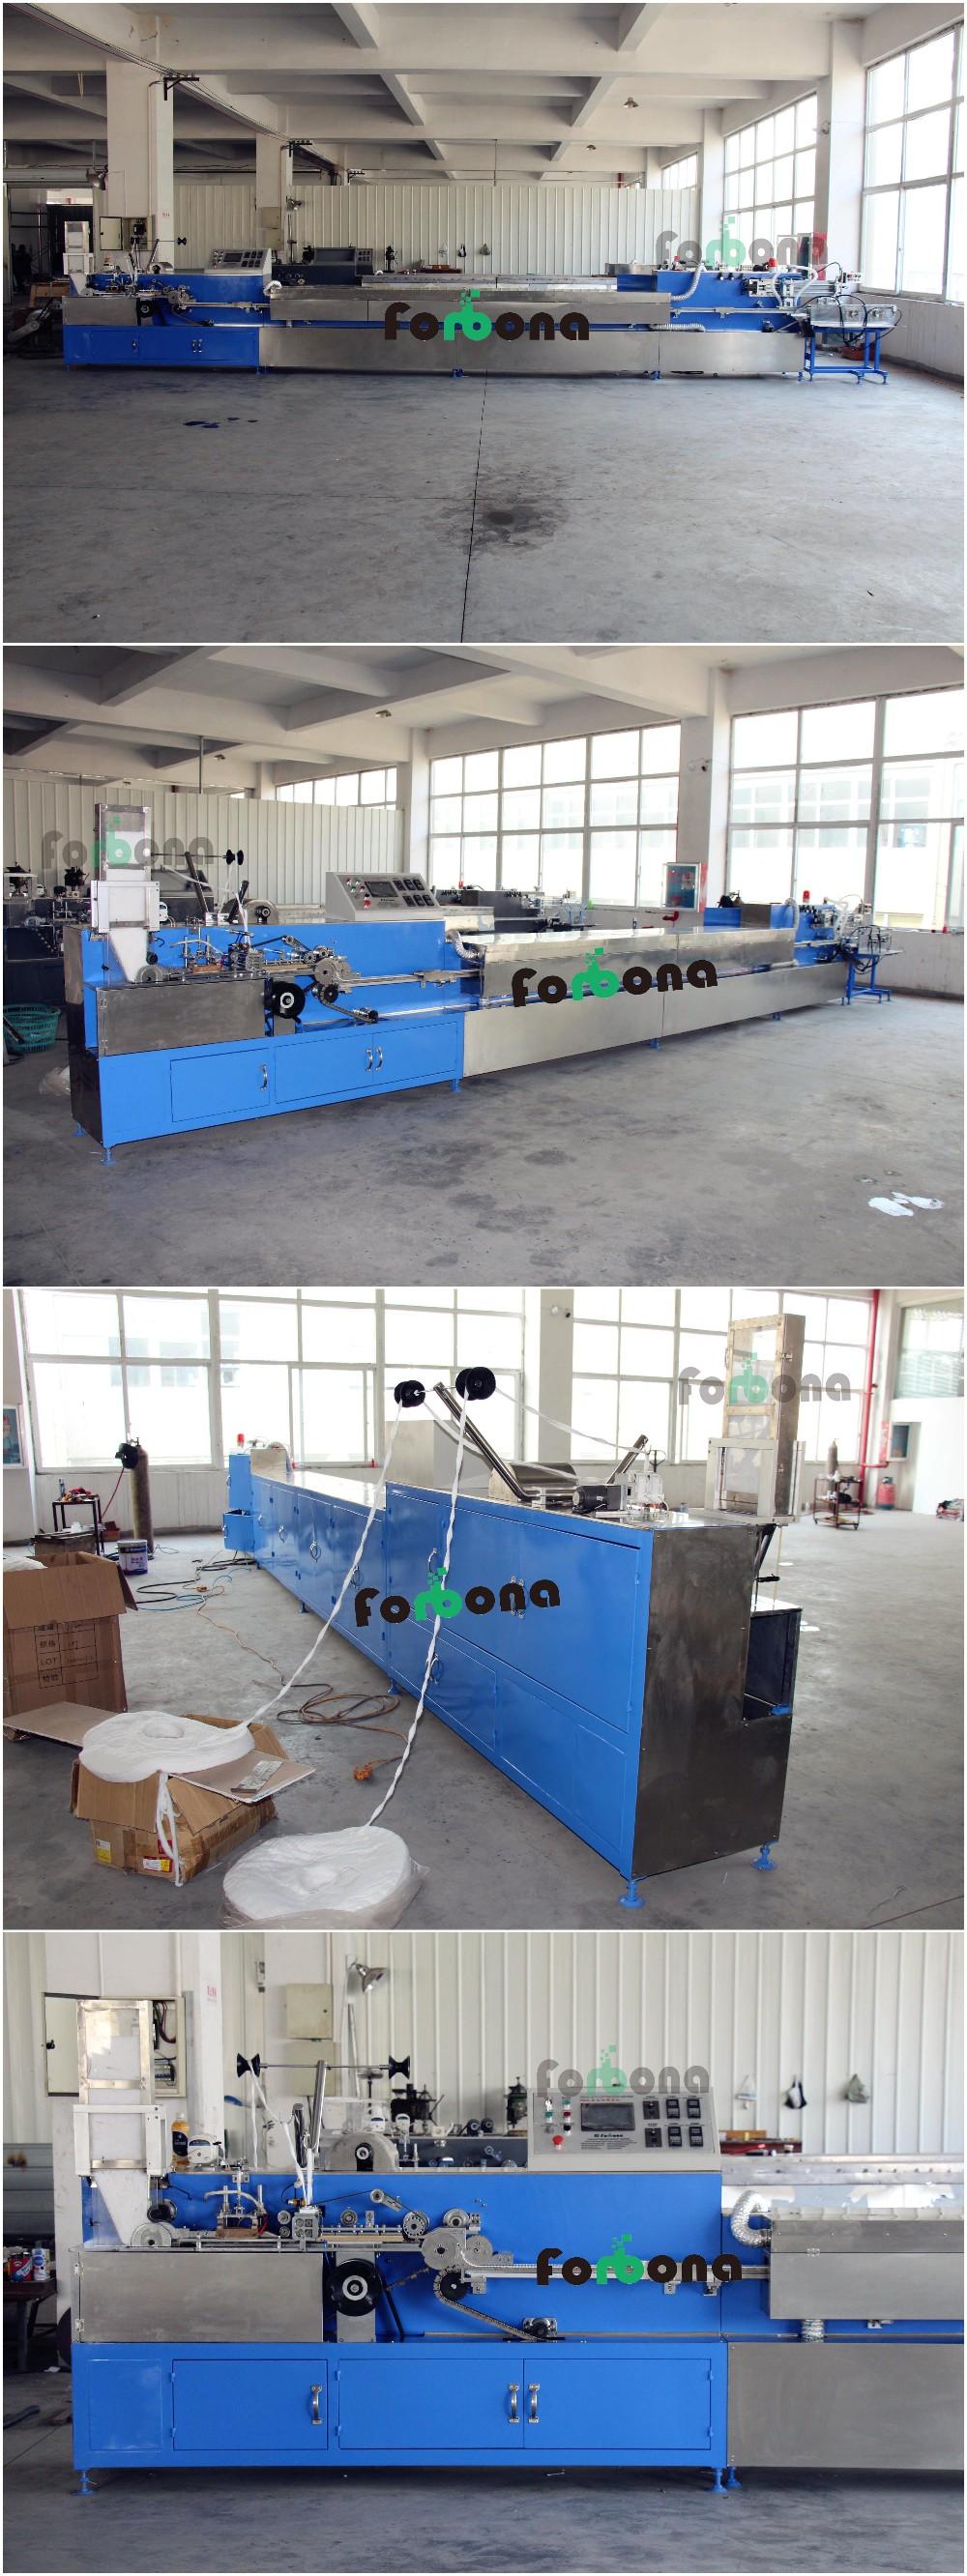 cotton machine parts sale